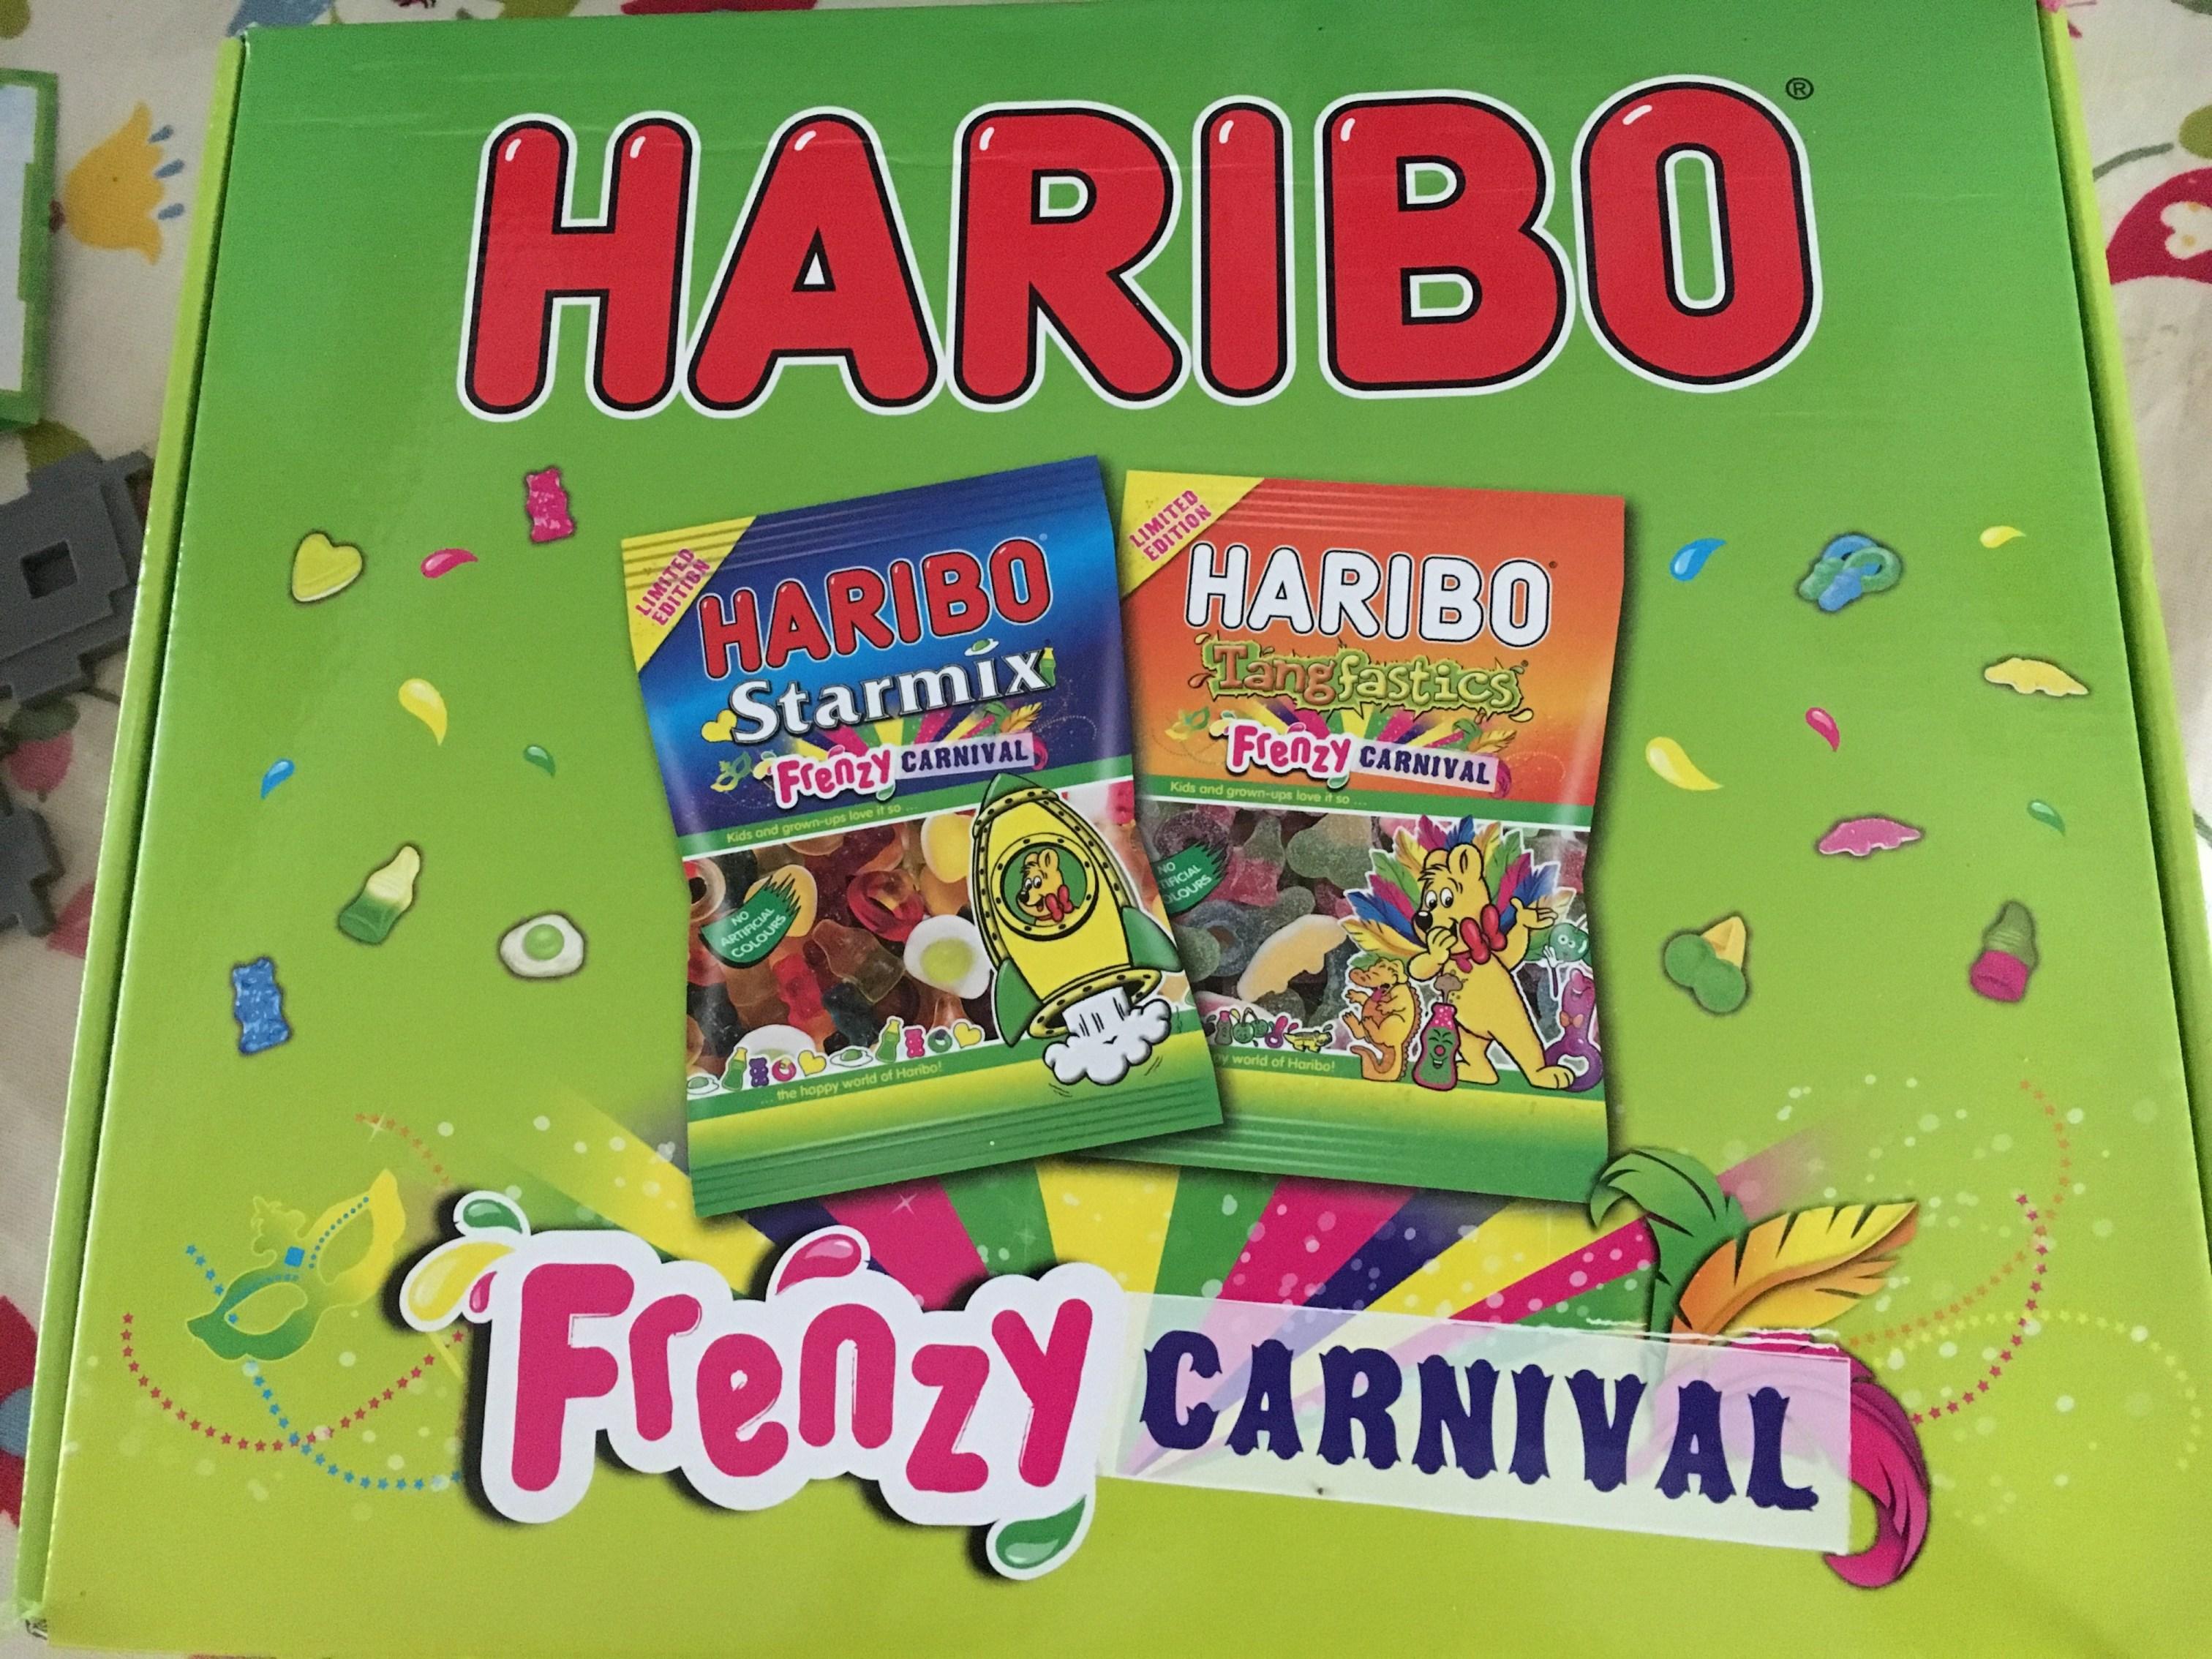 Haribo Carnival